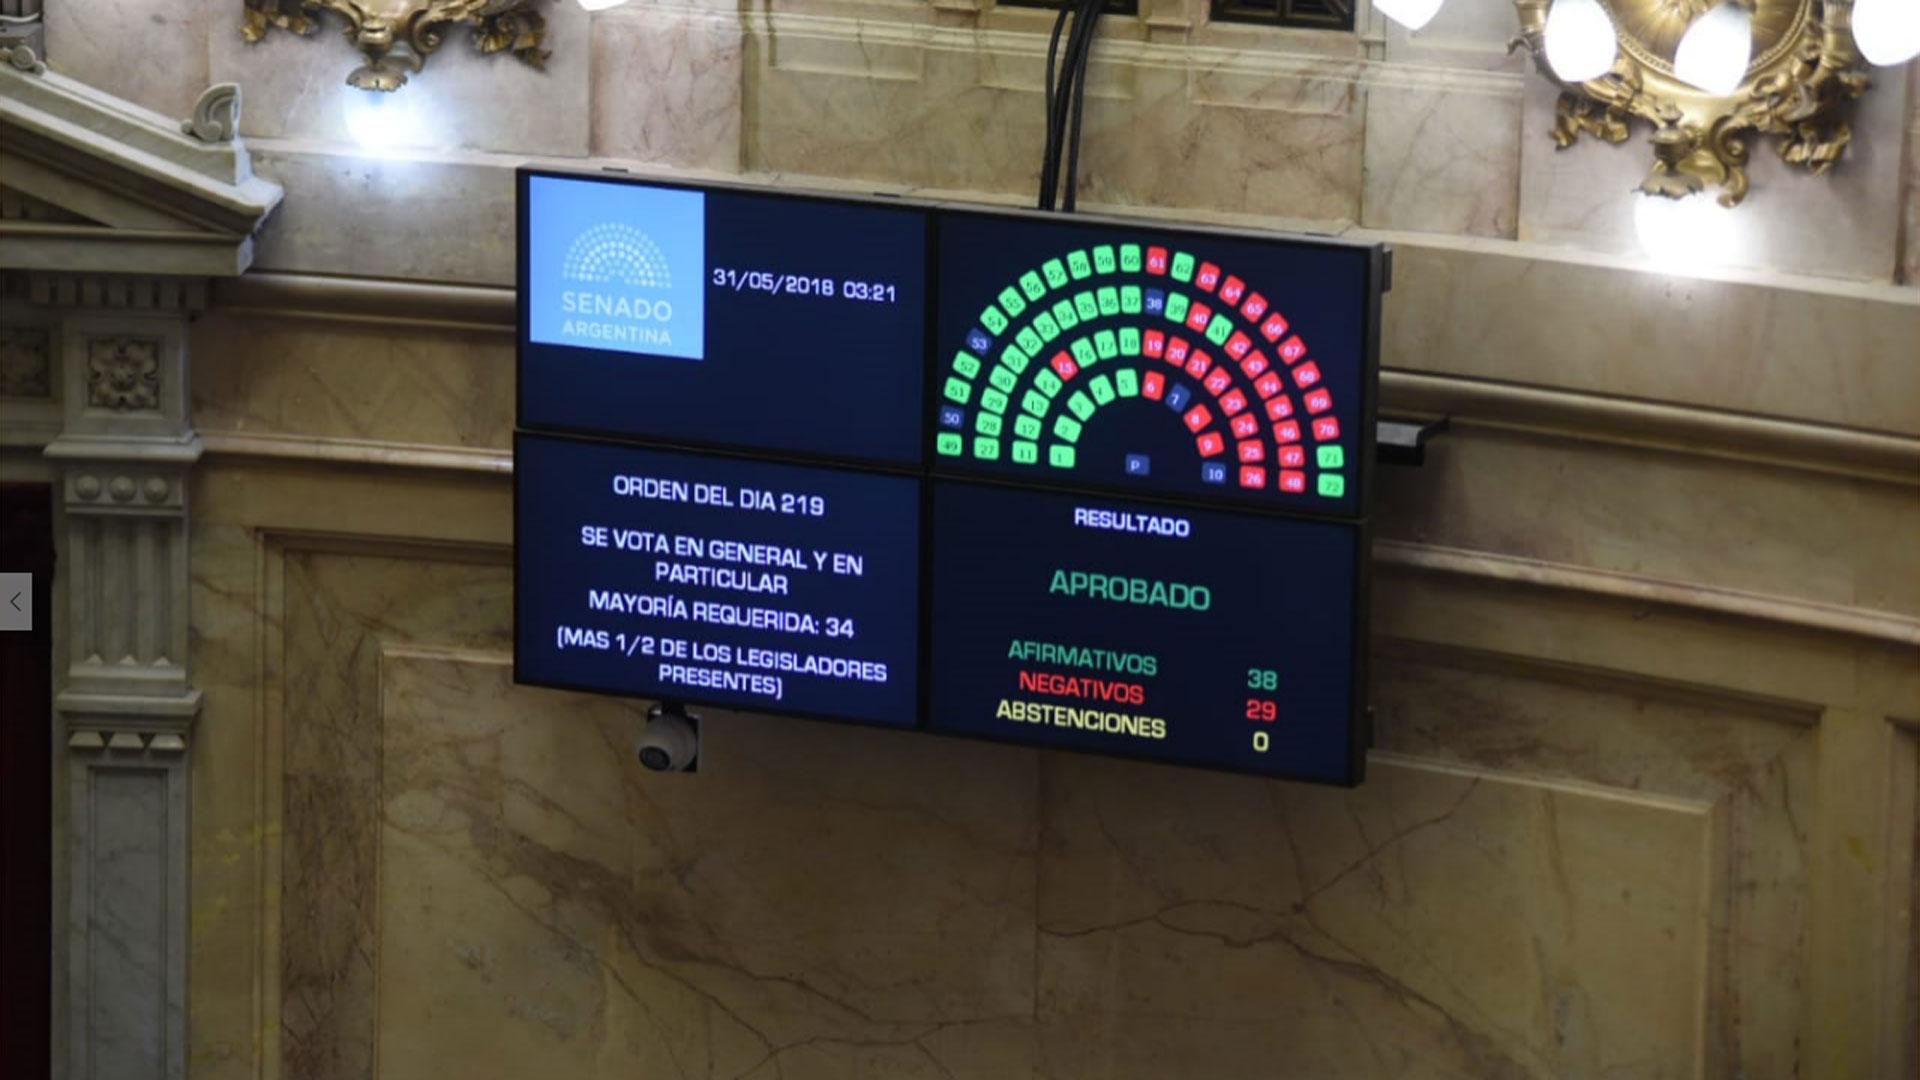 El tablero muestra los números de la votación 38 votos a favor y 29 en contra. Luego de una corrección de quedó 37 a 30